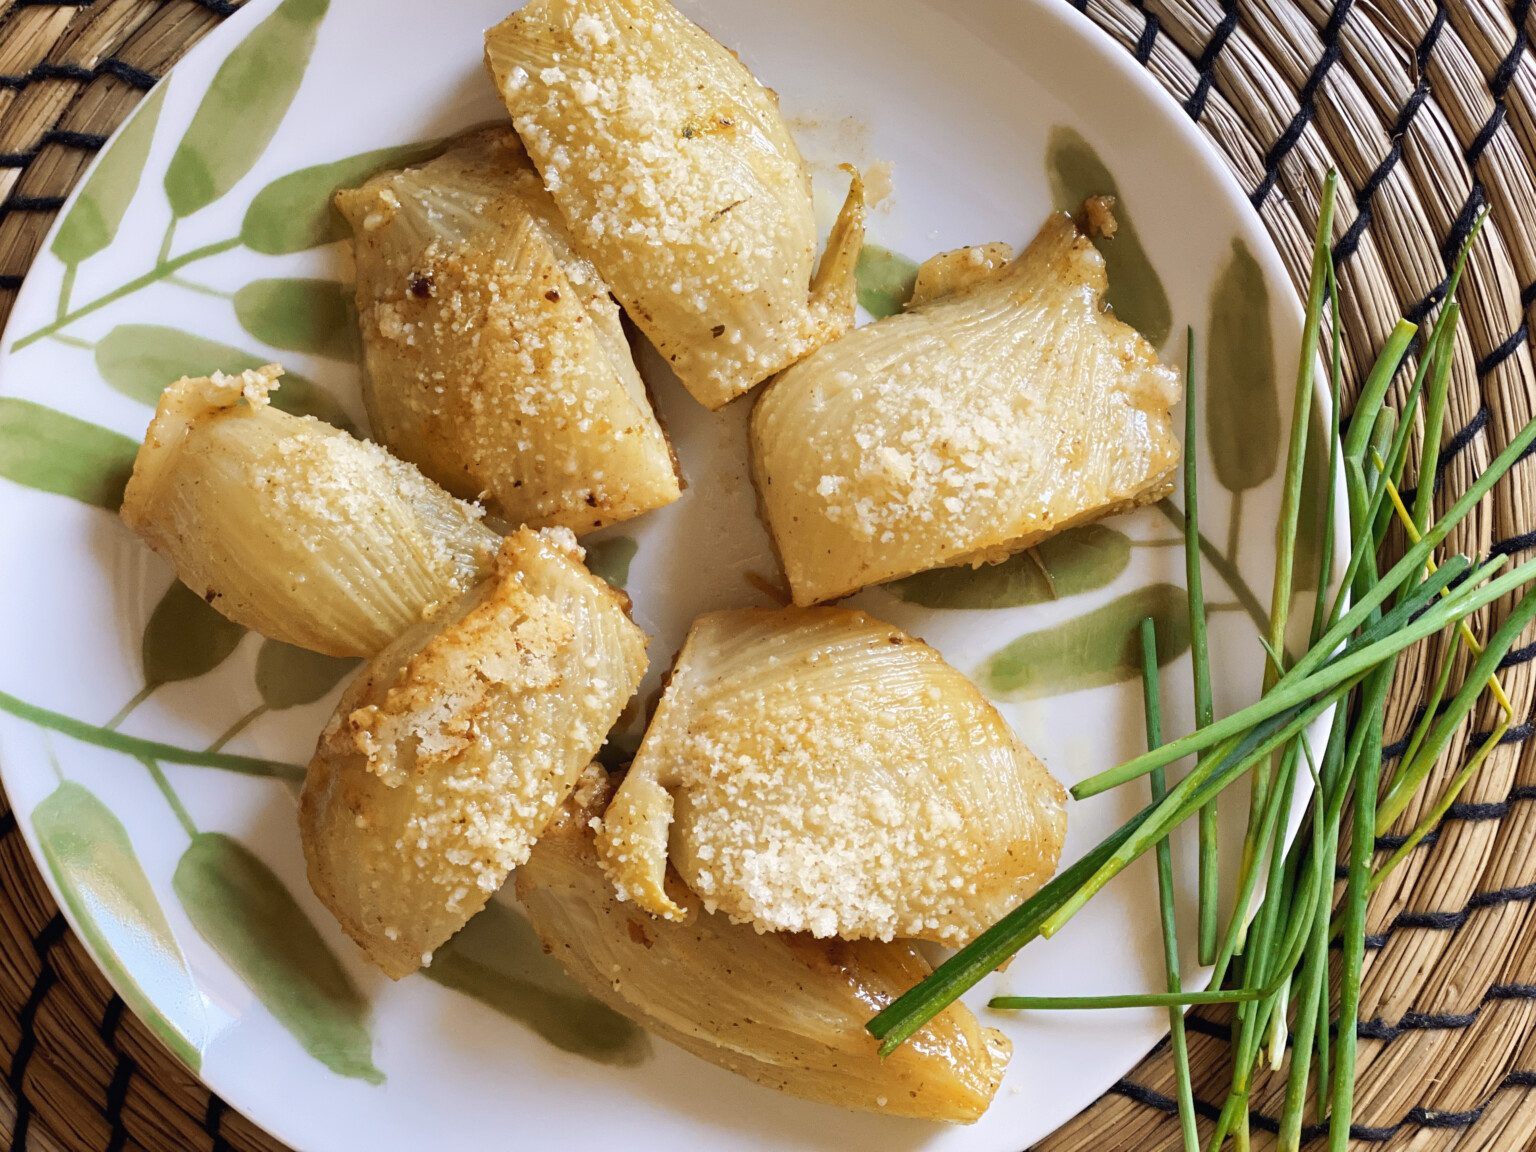 Ricette di verdure, finocchi saltati burro e parmigiano